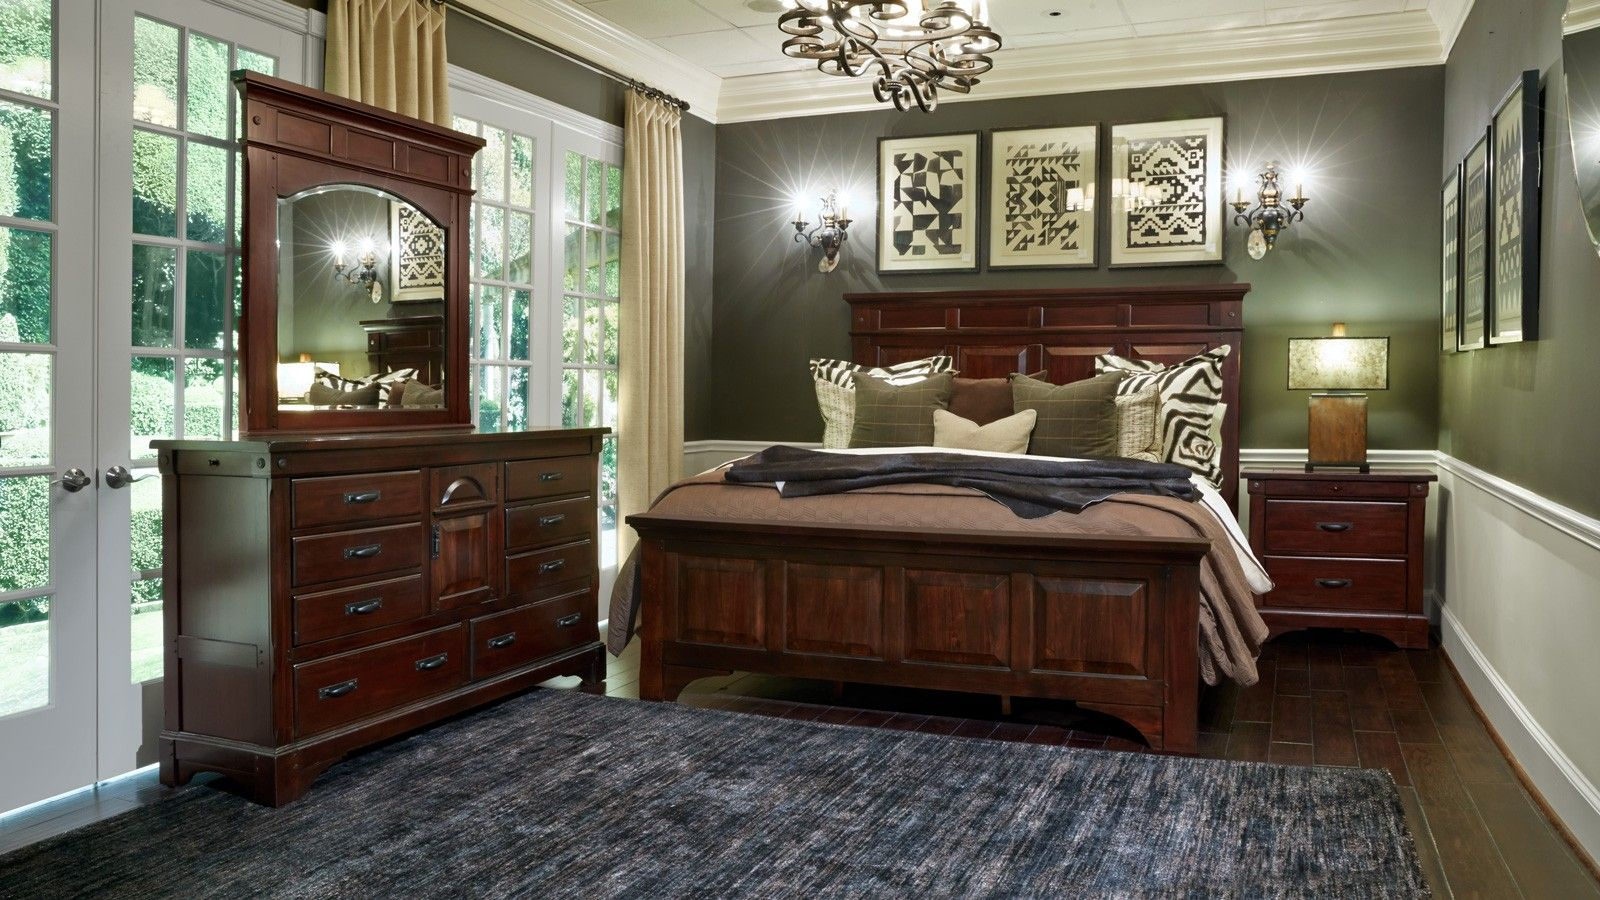 hidalgo 3-piece king bedroom set | houston tx, bedrooms and solid wood